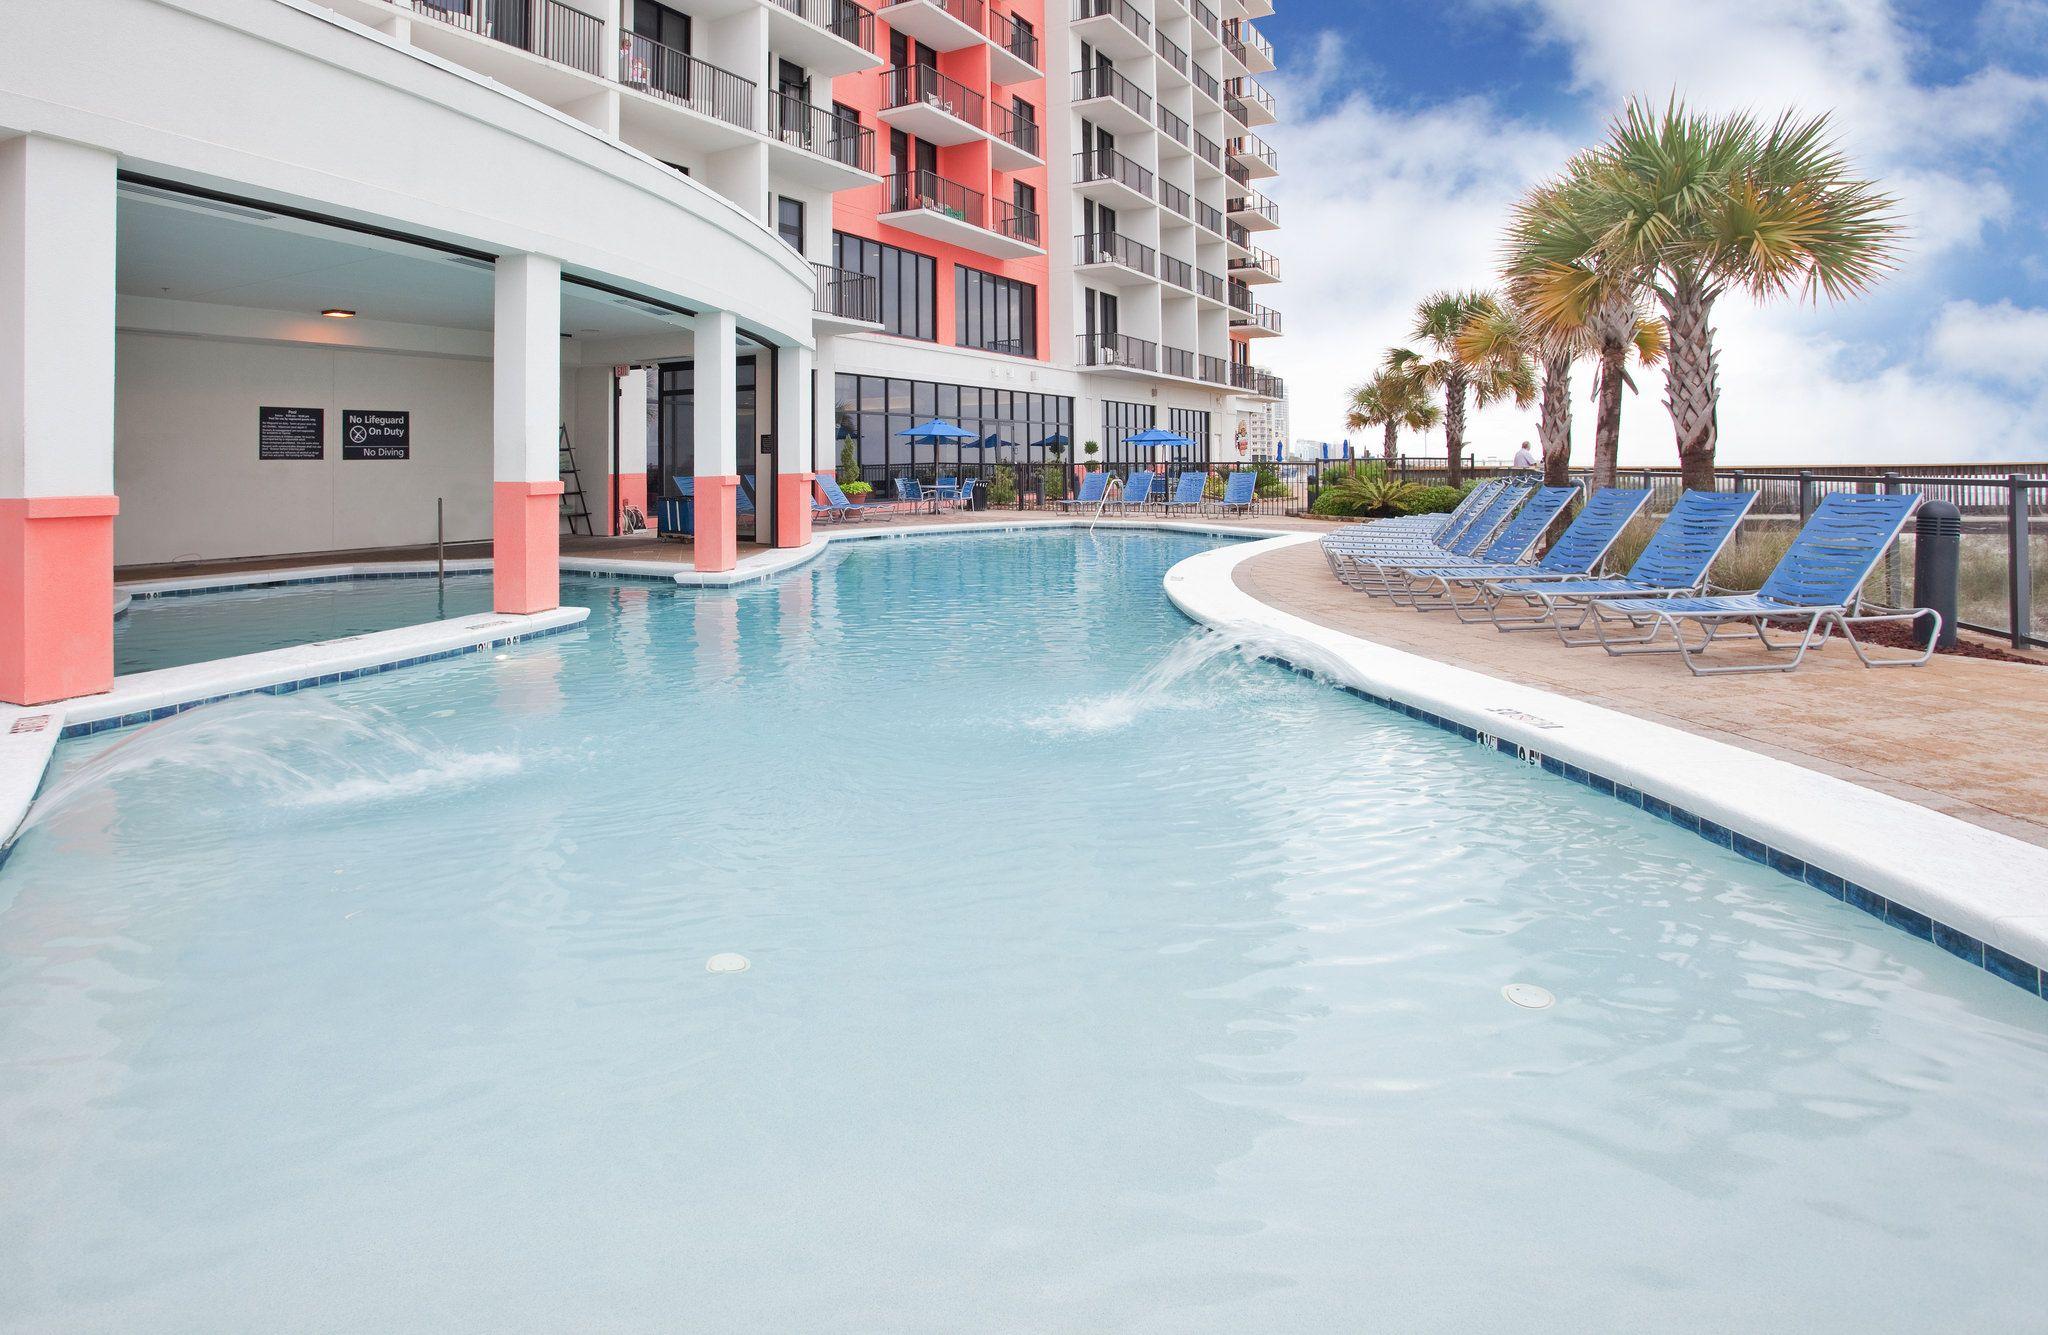 Hampton Inn Suites Beachfront Hotel Orange Beach Gulf Shores Al Beachfront Hotels Orange Beach Hotels Hampton Inn